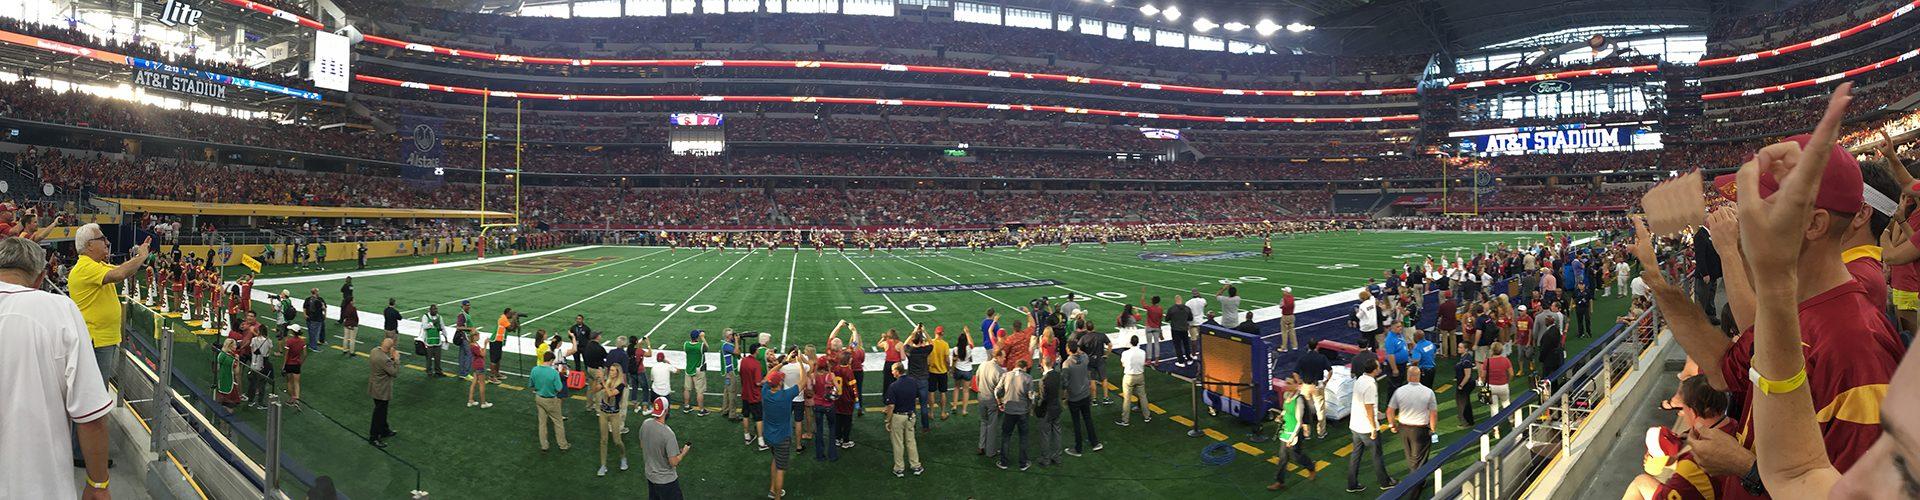 AT&T Stadium, Dallas TX